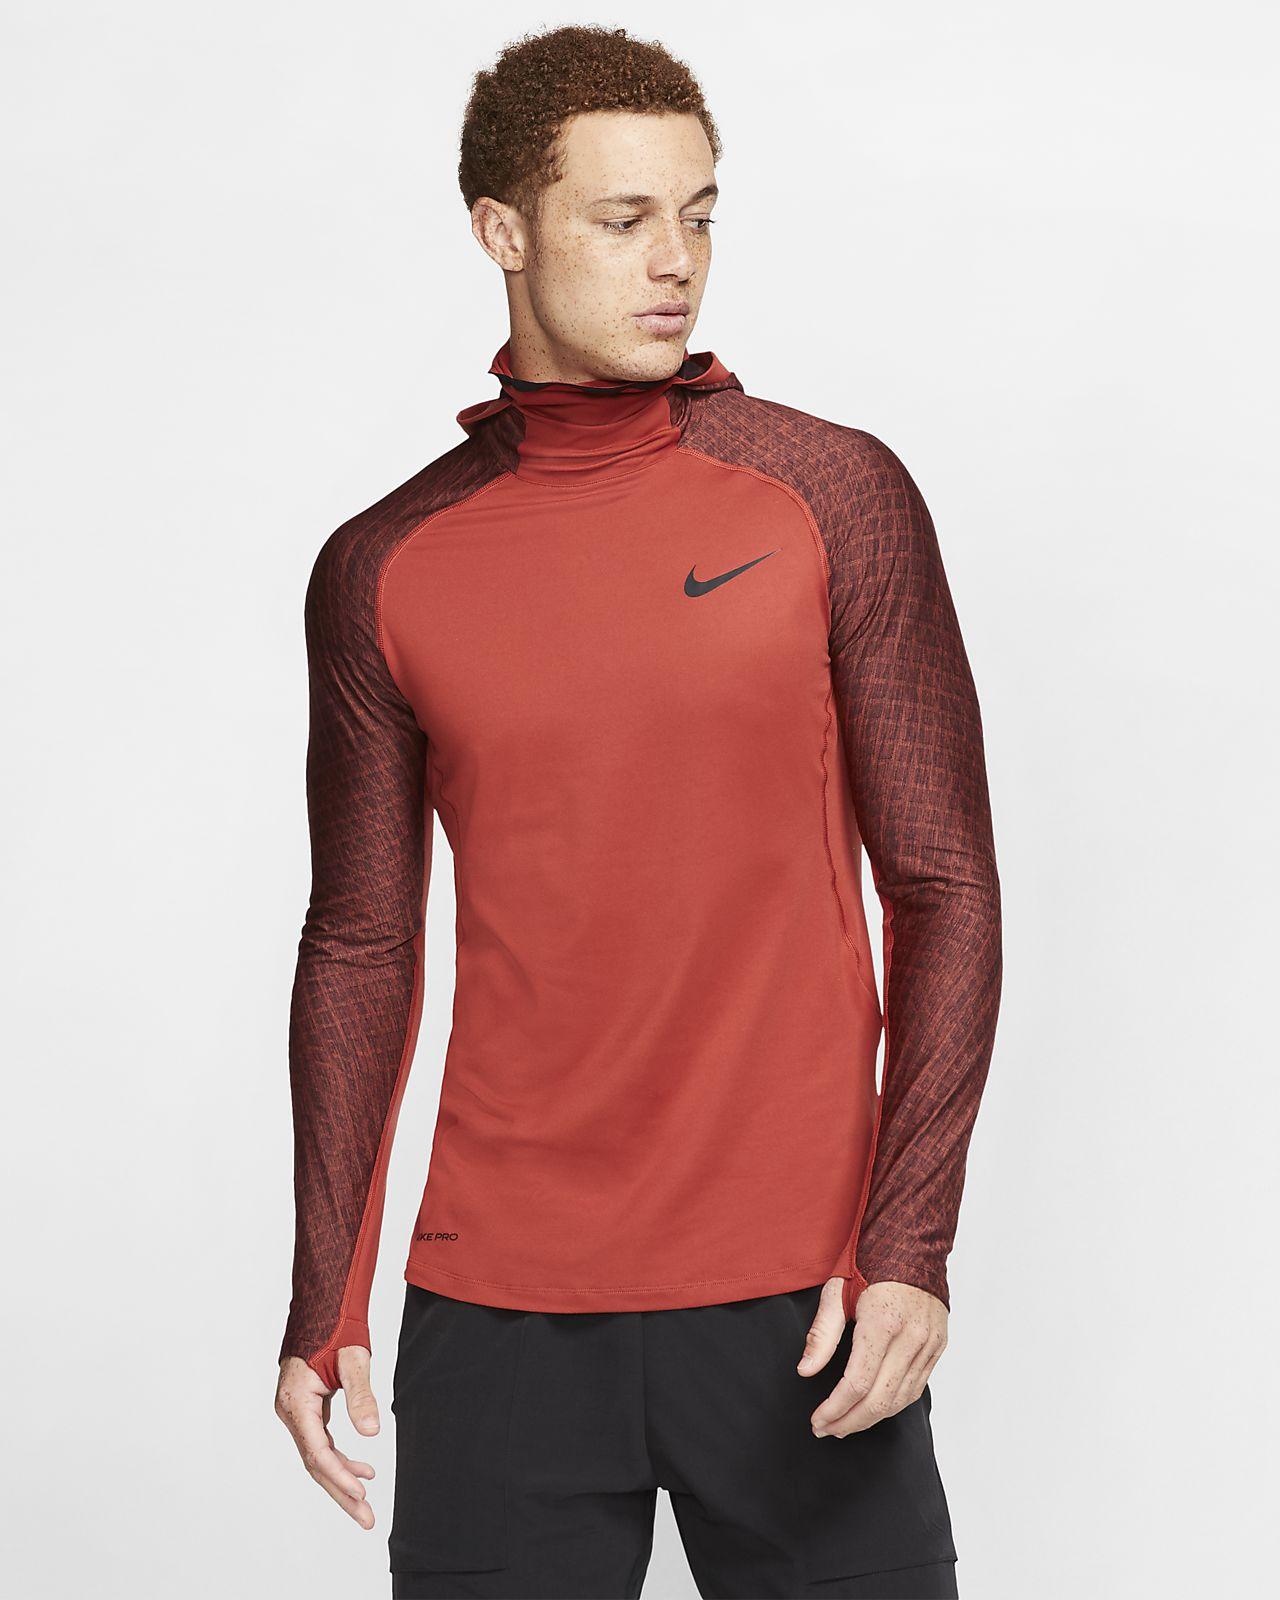 Męska bluza treningowa z kapturem i długim rękawem Nike Pro Therma